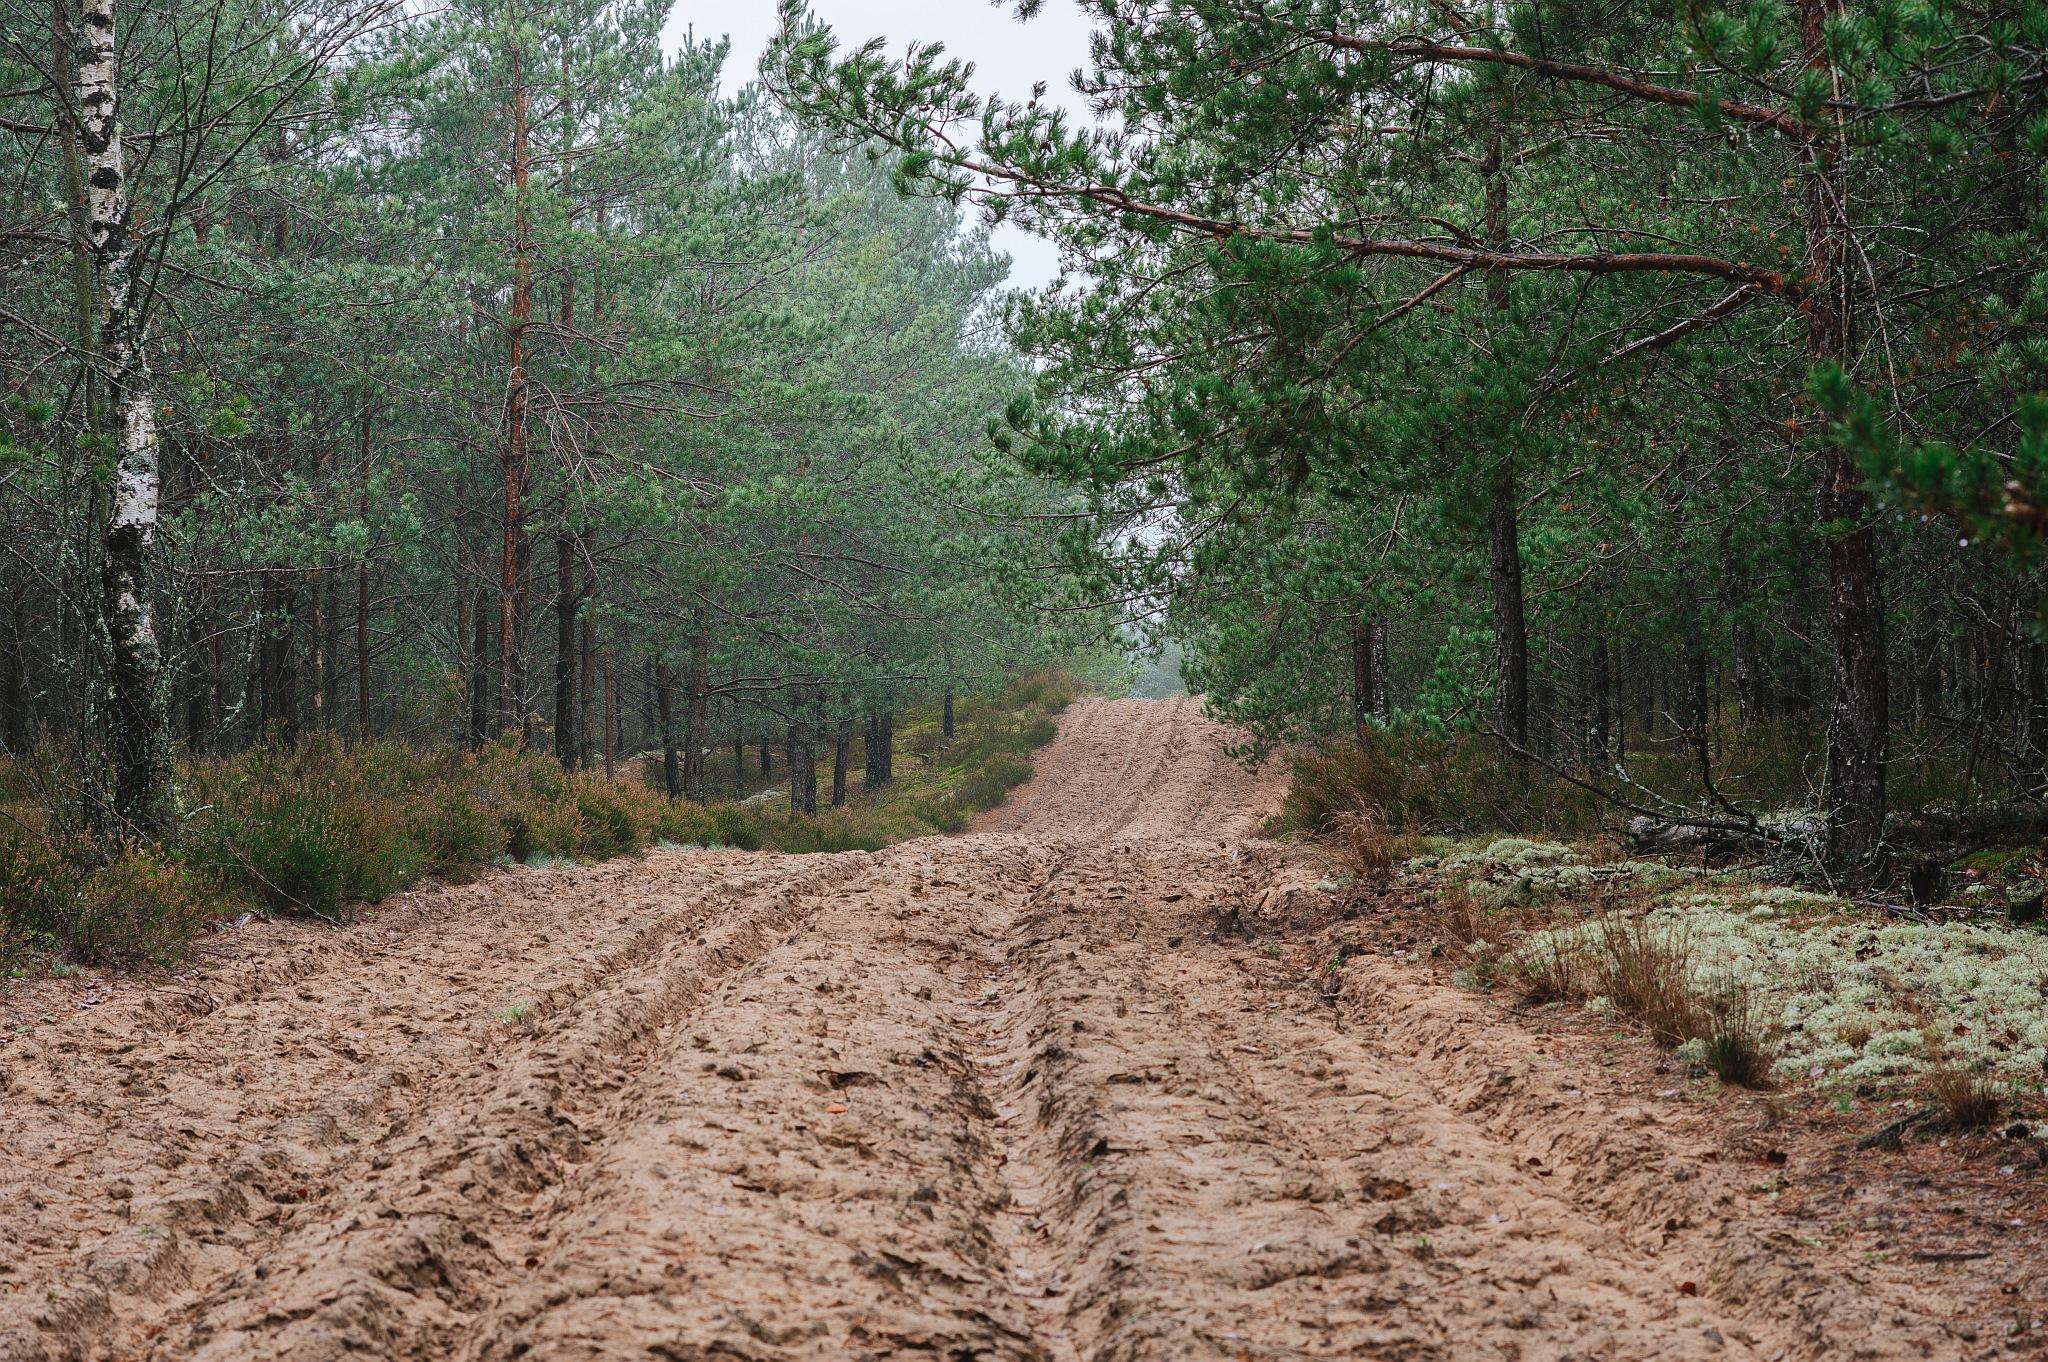 Žemyninė kopa Dumsių girioje III - Vilmantas Ramonas